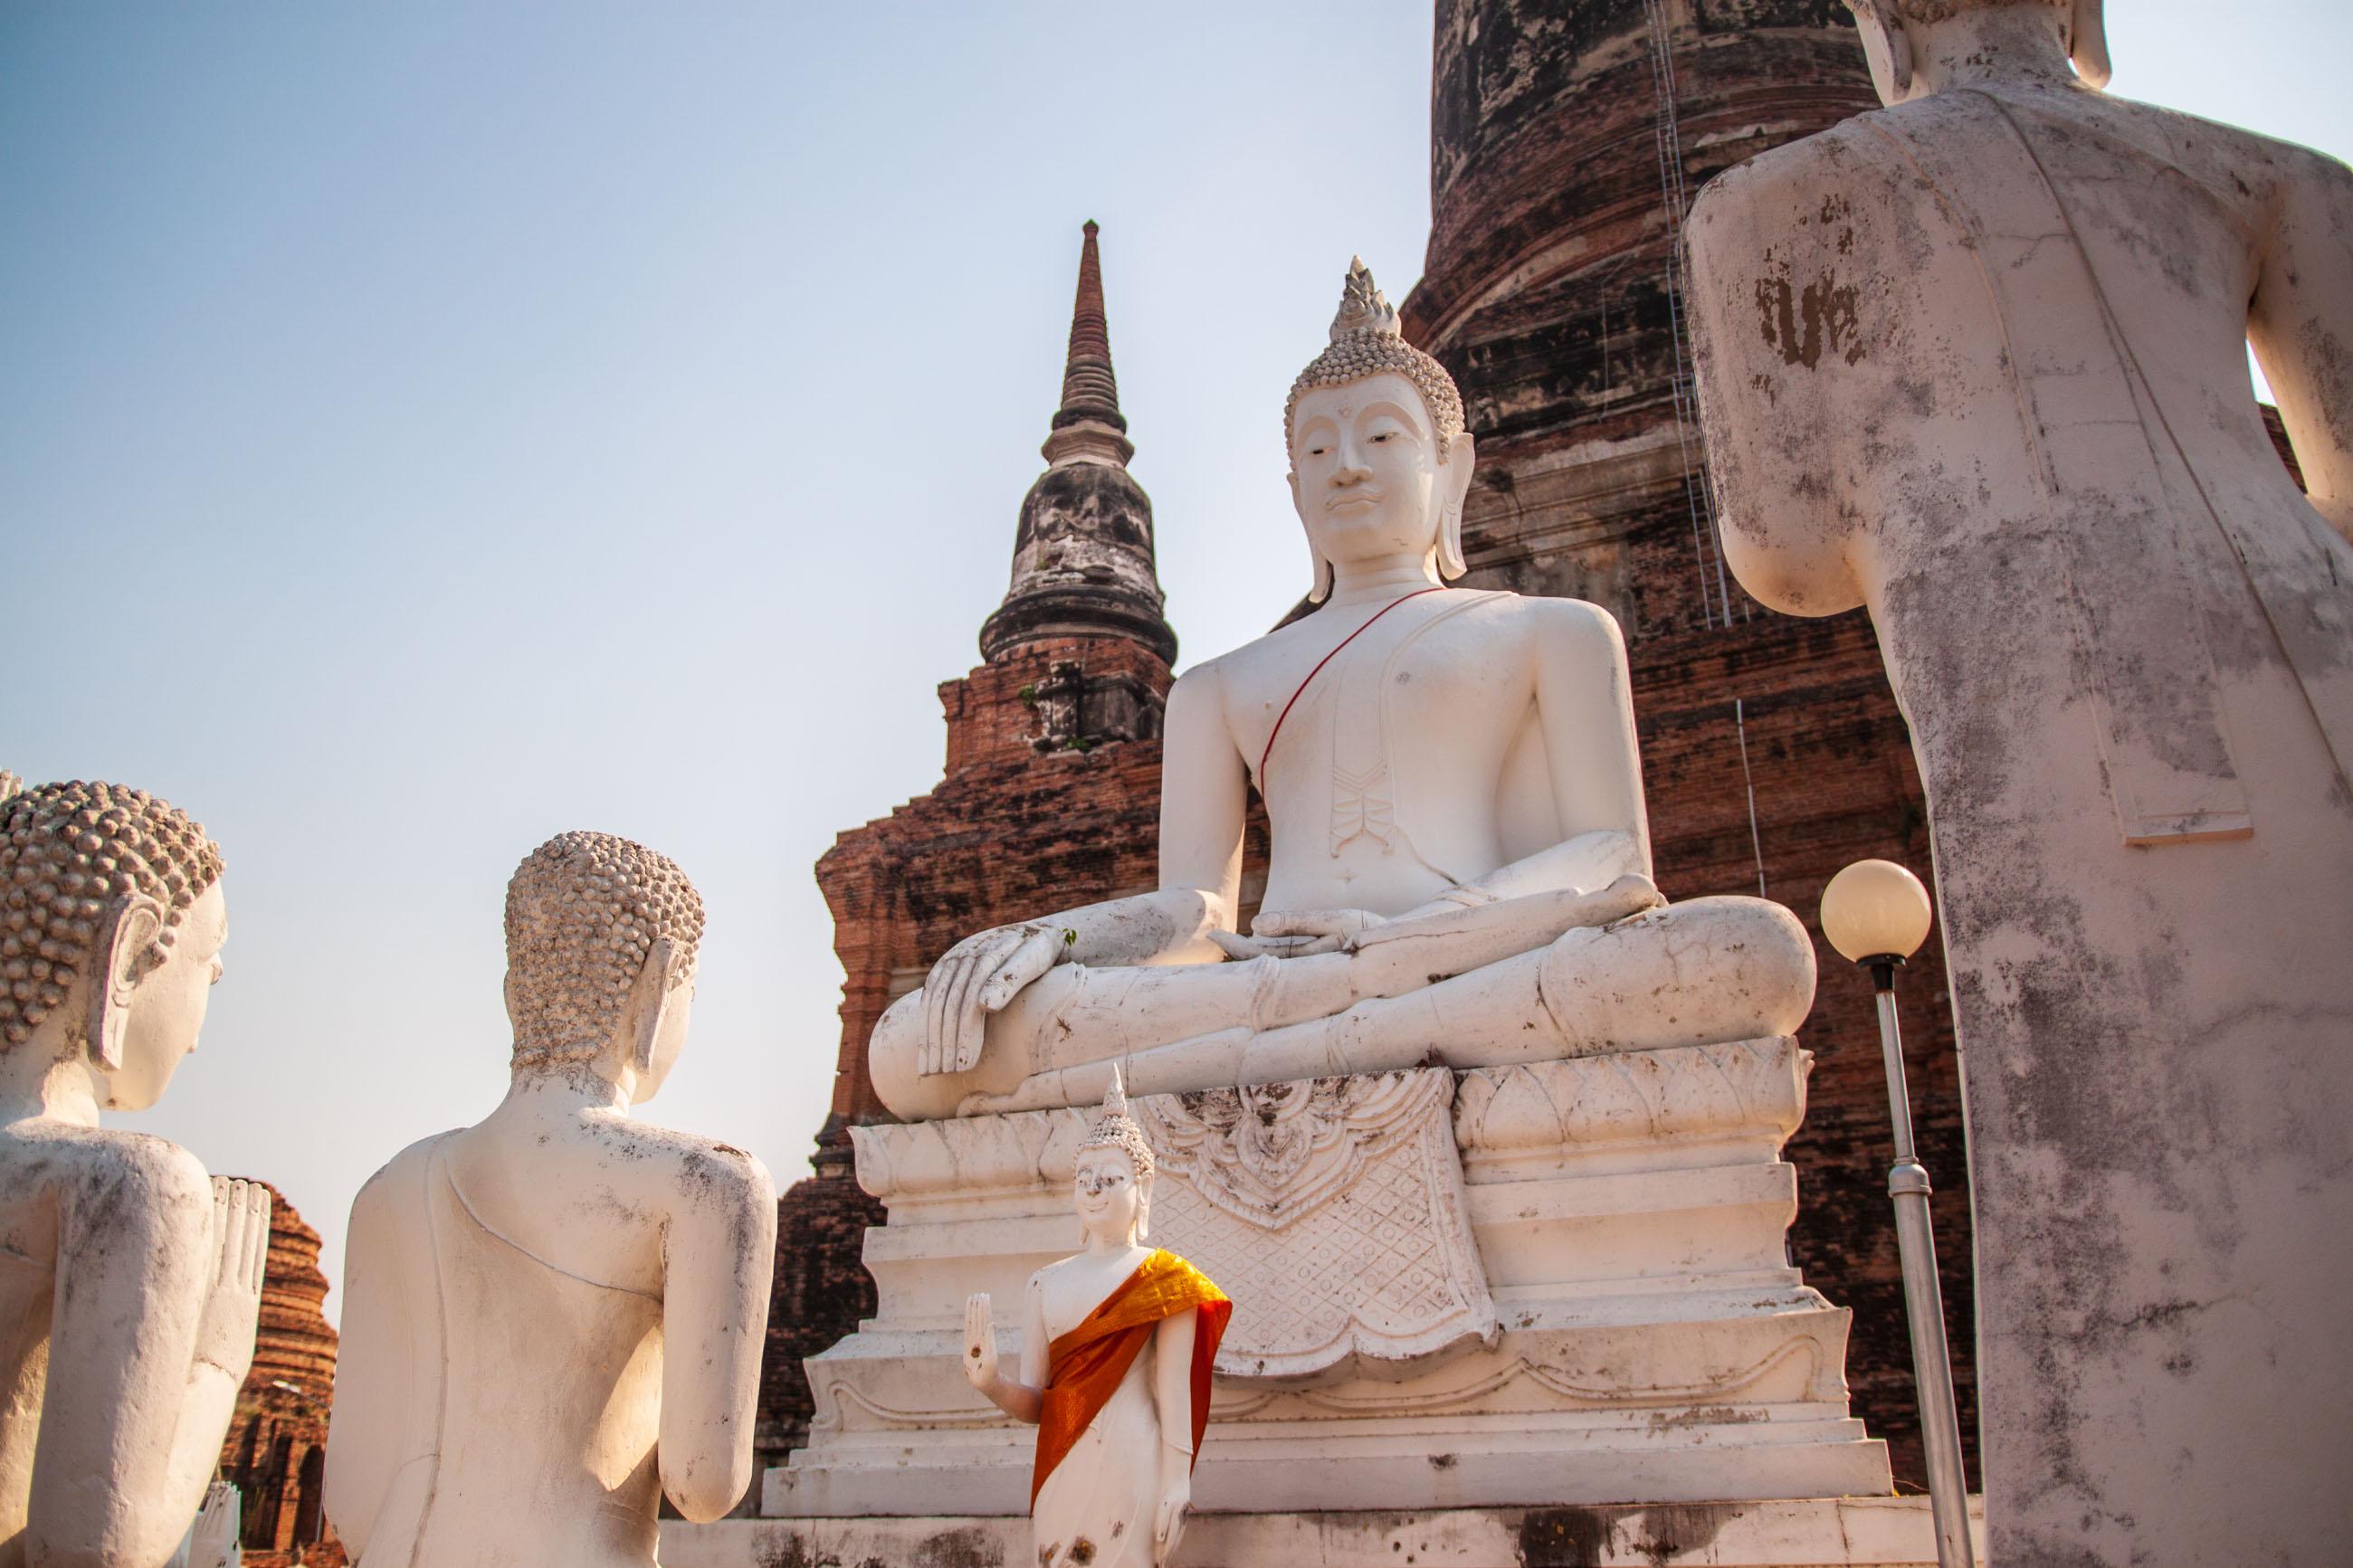 https://bubo.sk/uploads/galleries/5060/zuzkahabekova_thajsko_ayutthaya_img_1557.jpg